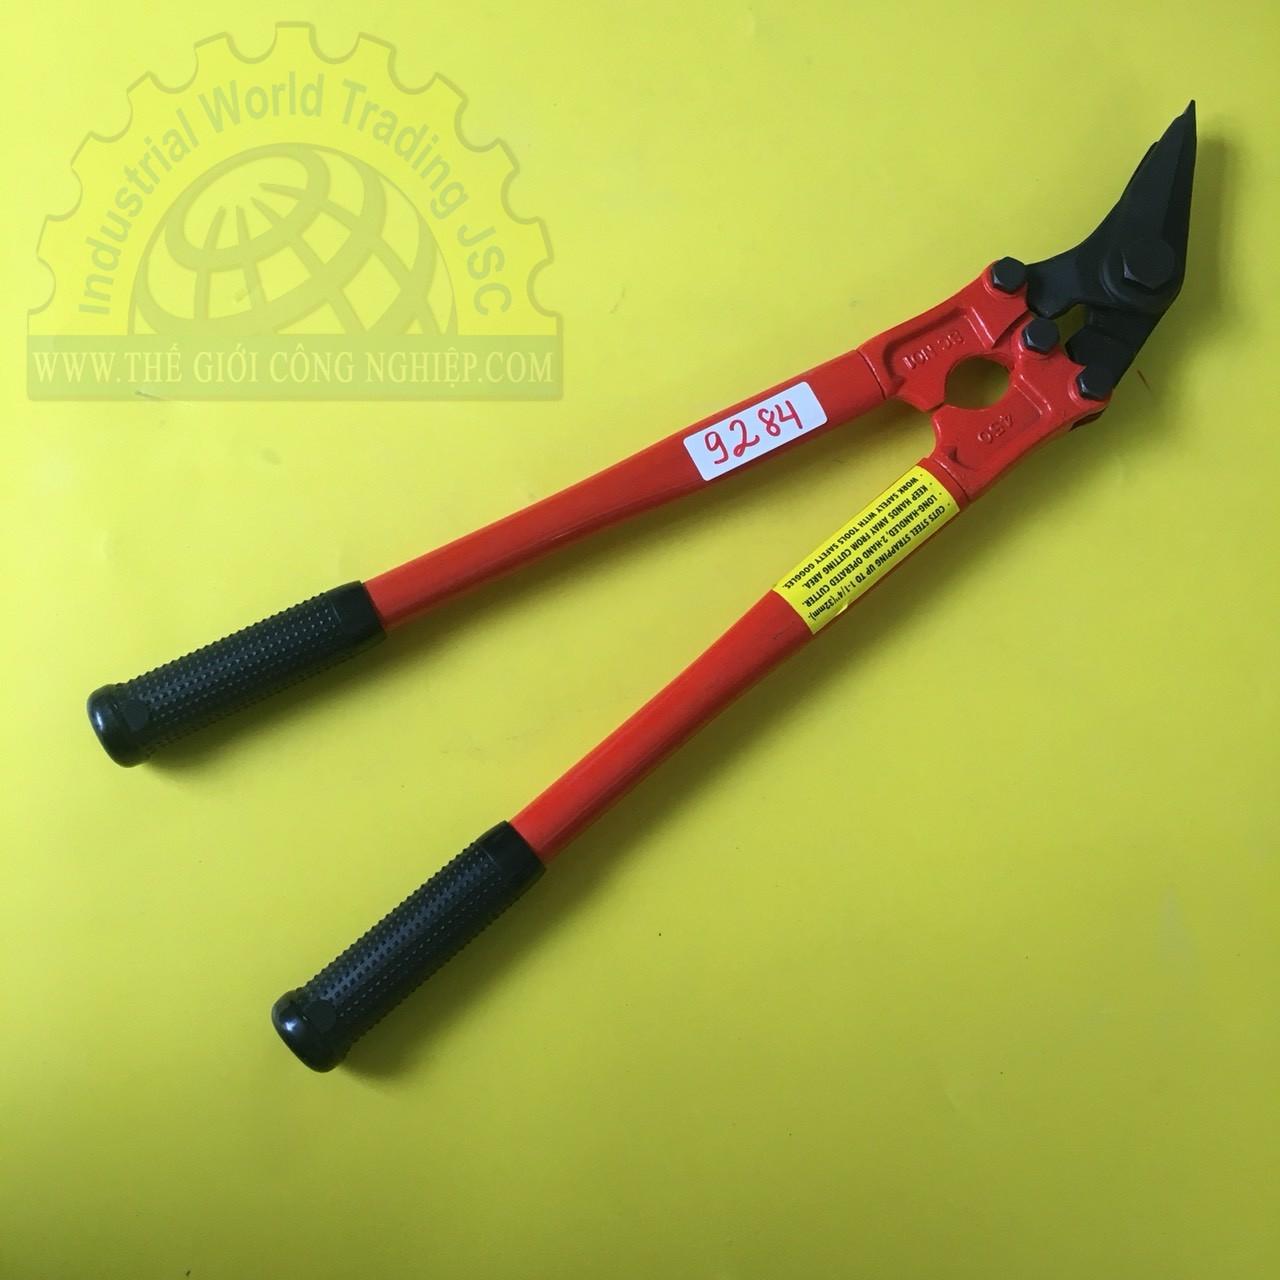 Kéo cắt dây đai thép 18inch  SC-450 China